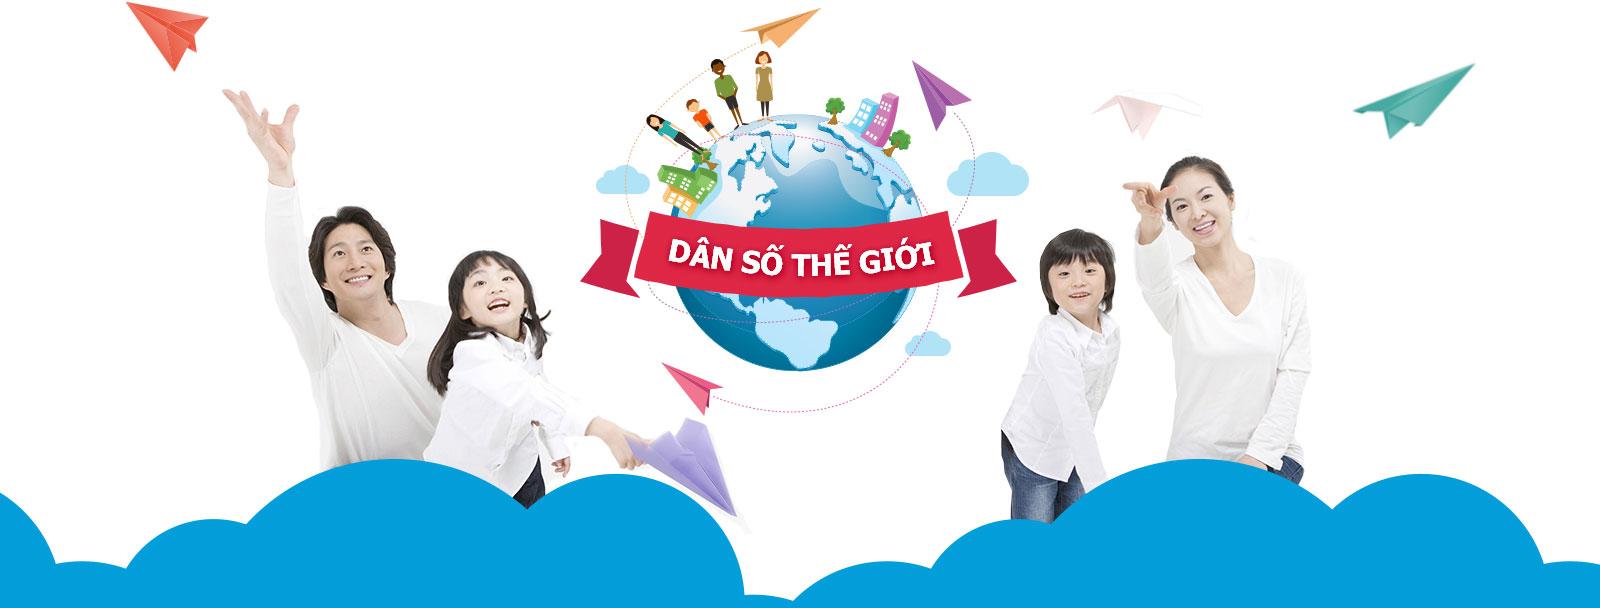 Chương trình hoạt động hưởng ứng Ngày dân số Thế giới 11/7/2015